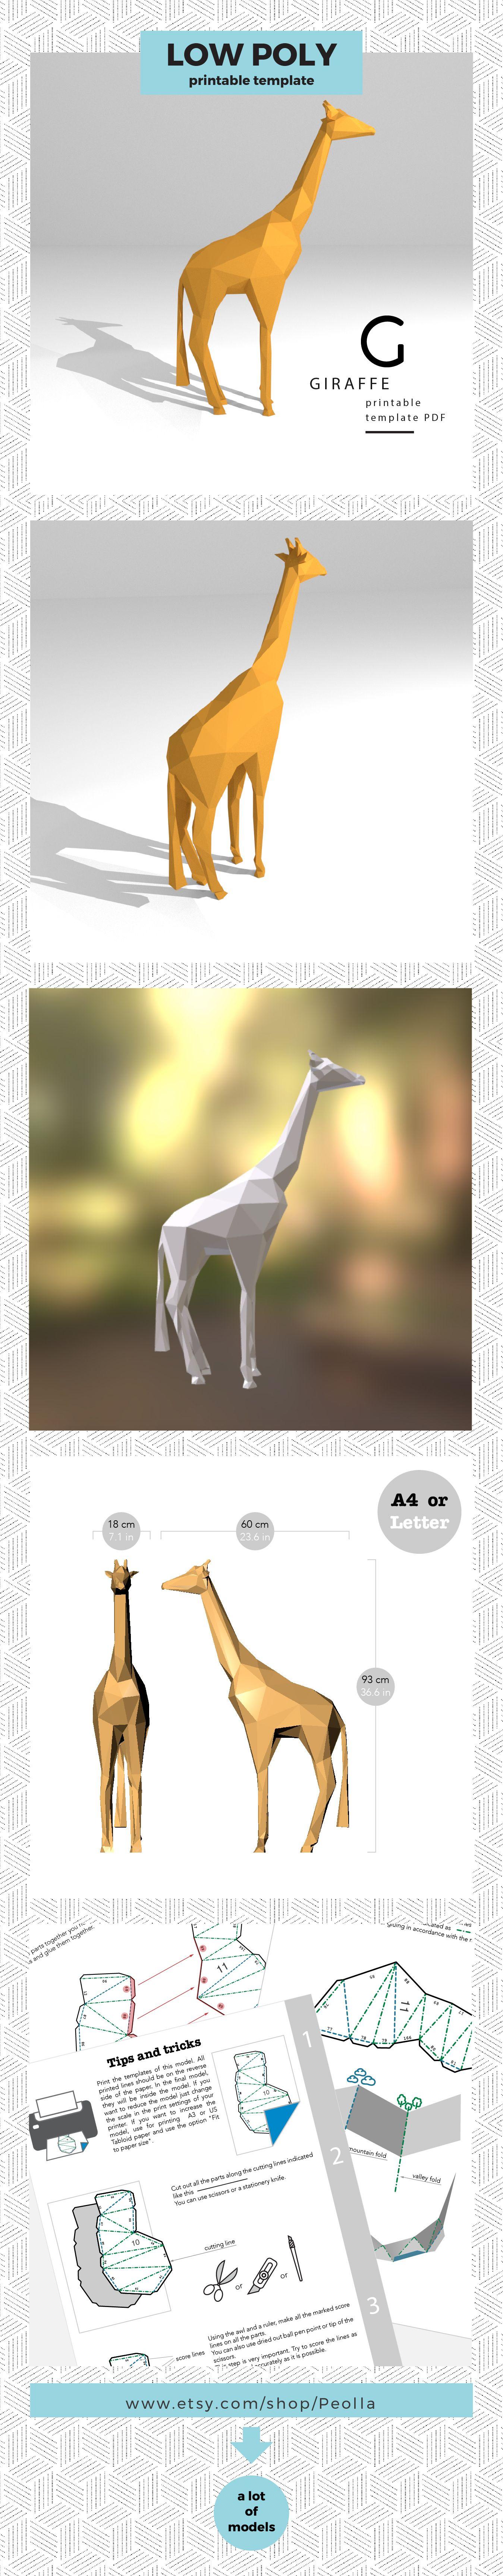 Printable Diy Template Pdf Giraffe Low Poly Paper Model 3d Low